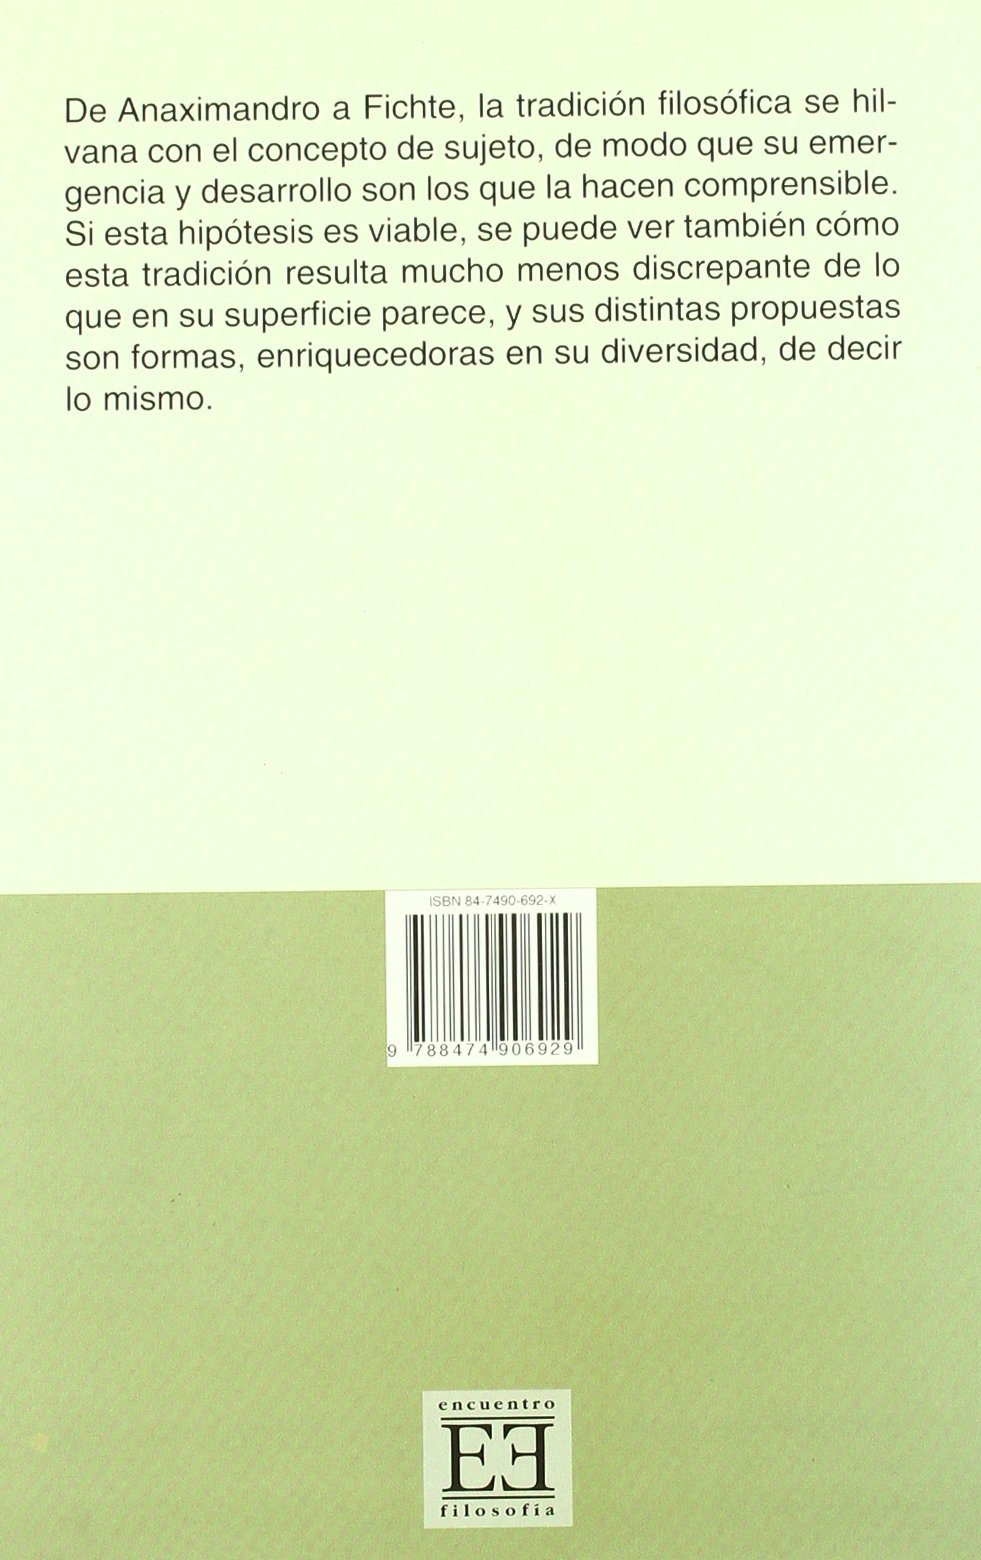 Hypokeímenon: Origen y desarrollo de la tradición filosófica Ensayo: Amazon.es: Javier Hernández-Pacheco Sanz: Libros